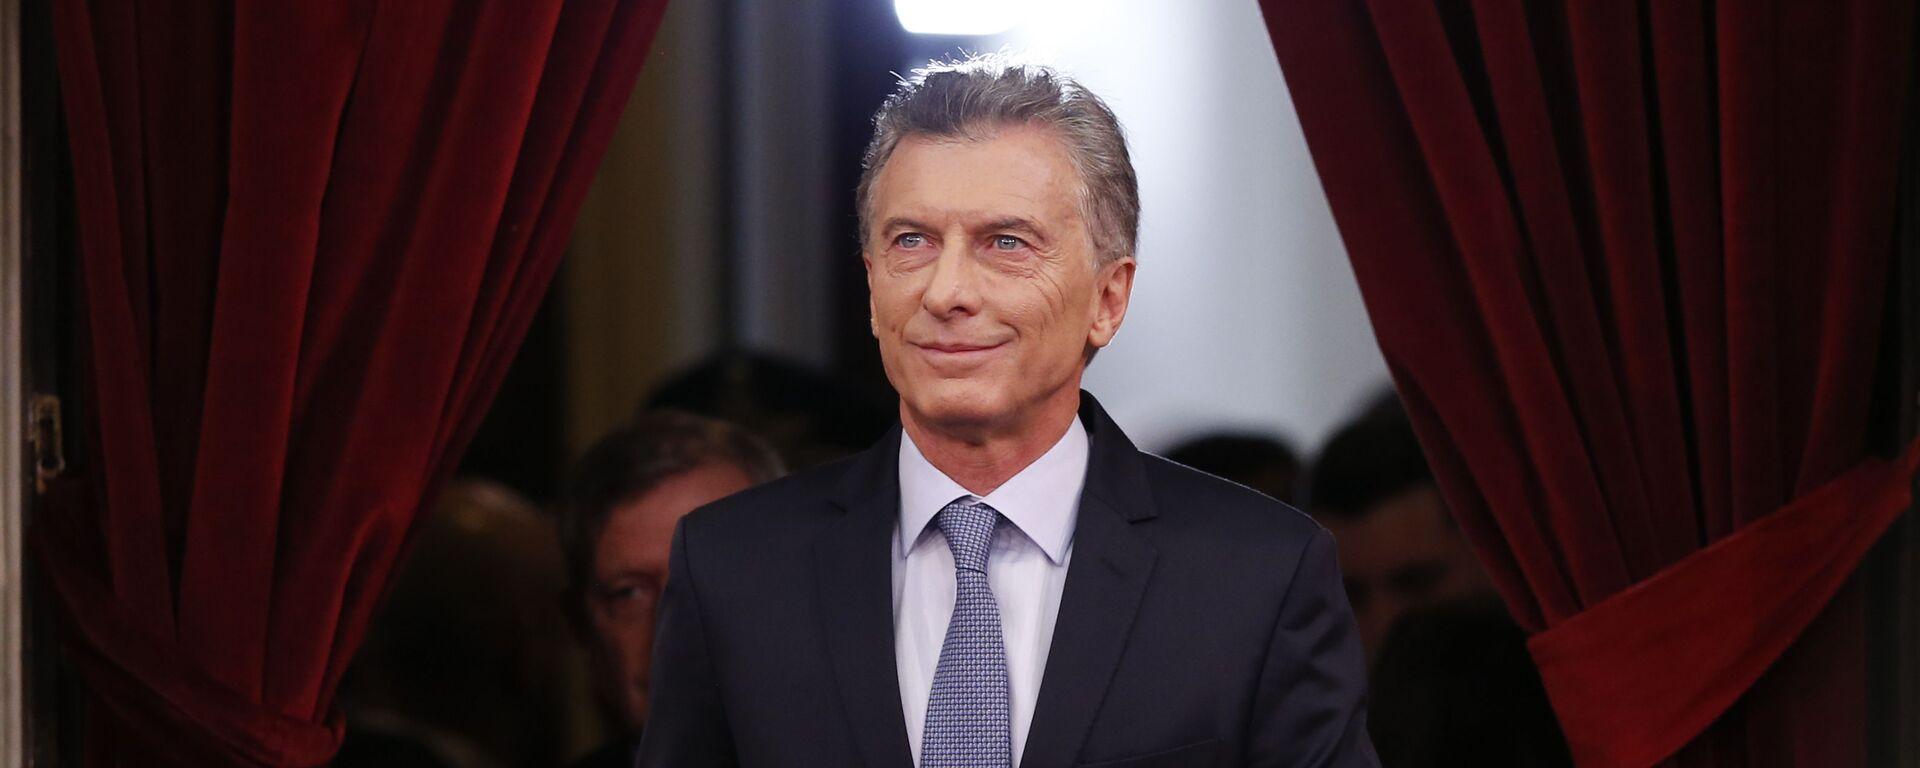 Mauricio Macri, expresidente de Argentina - Sputnik Mundo, 1920, 16.07.2021